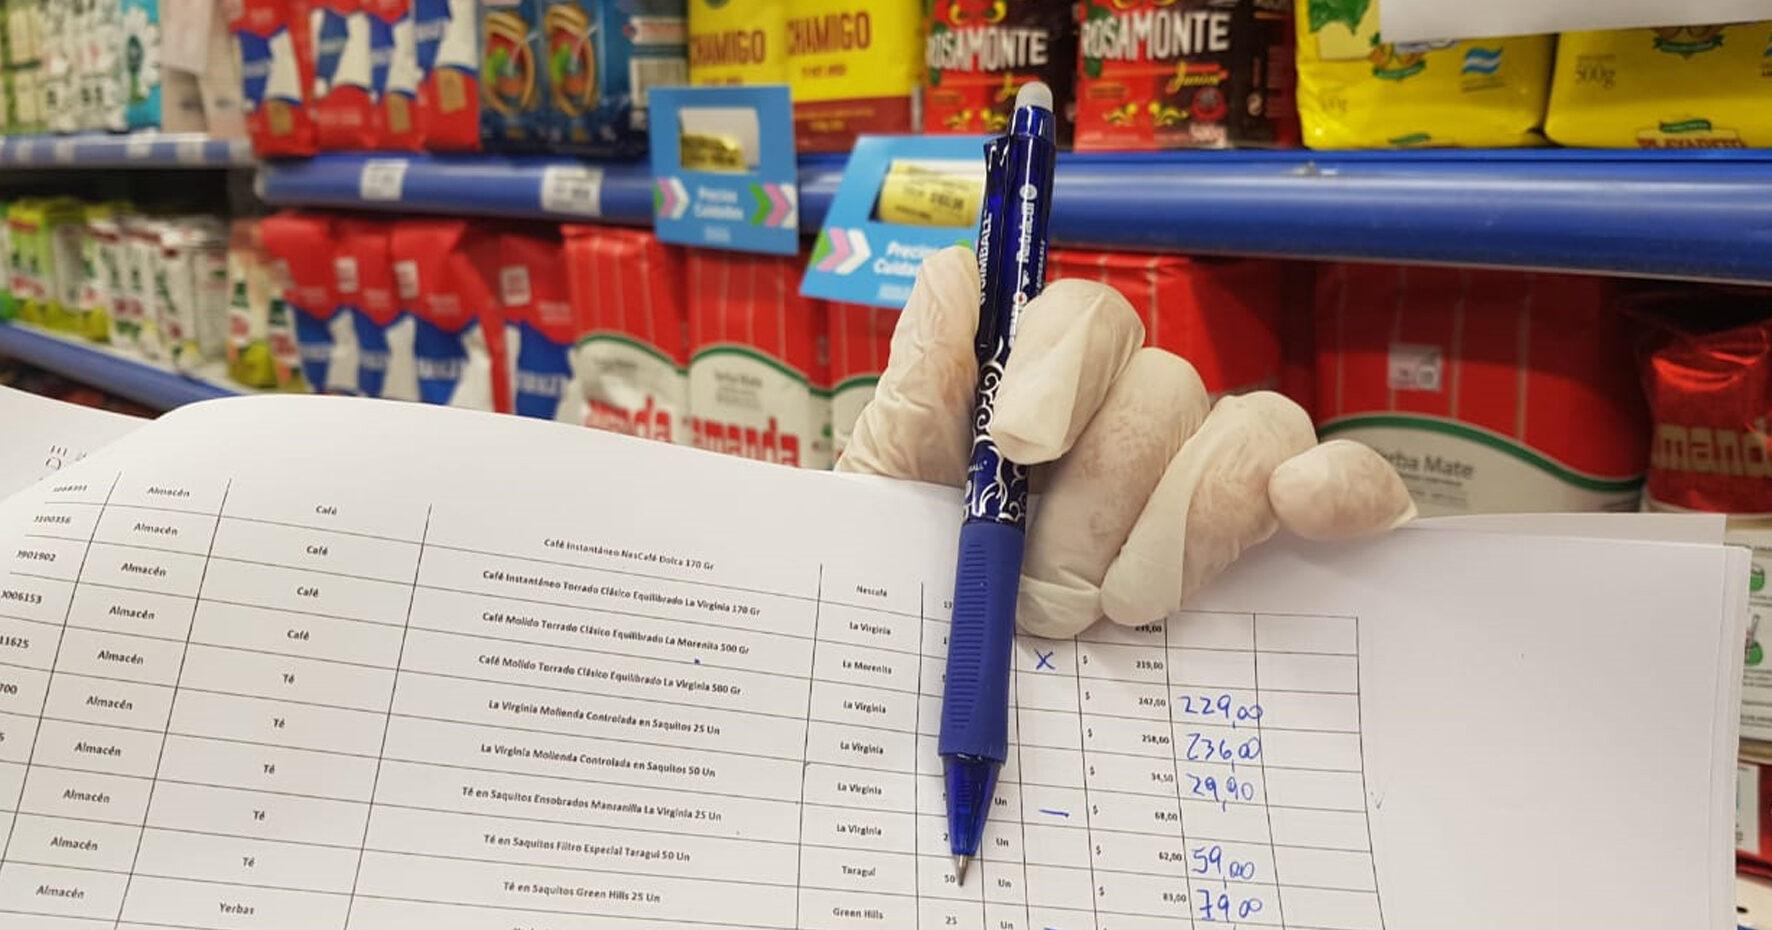 Denuncian que los controles en los precios son ilegales, ilegítimos e inconstitucionales